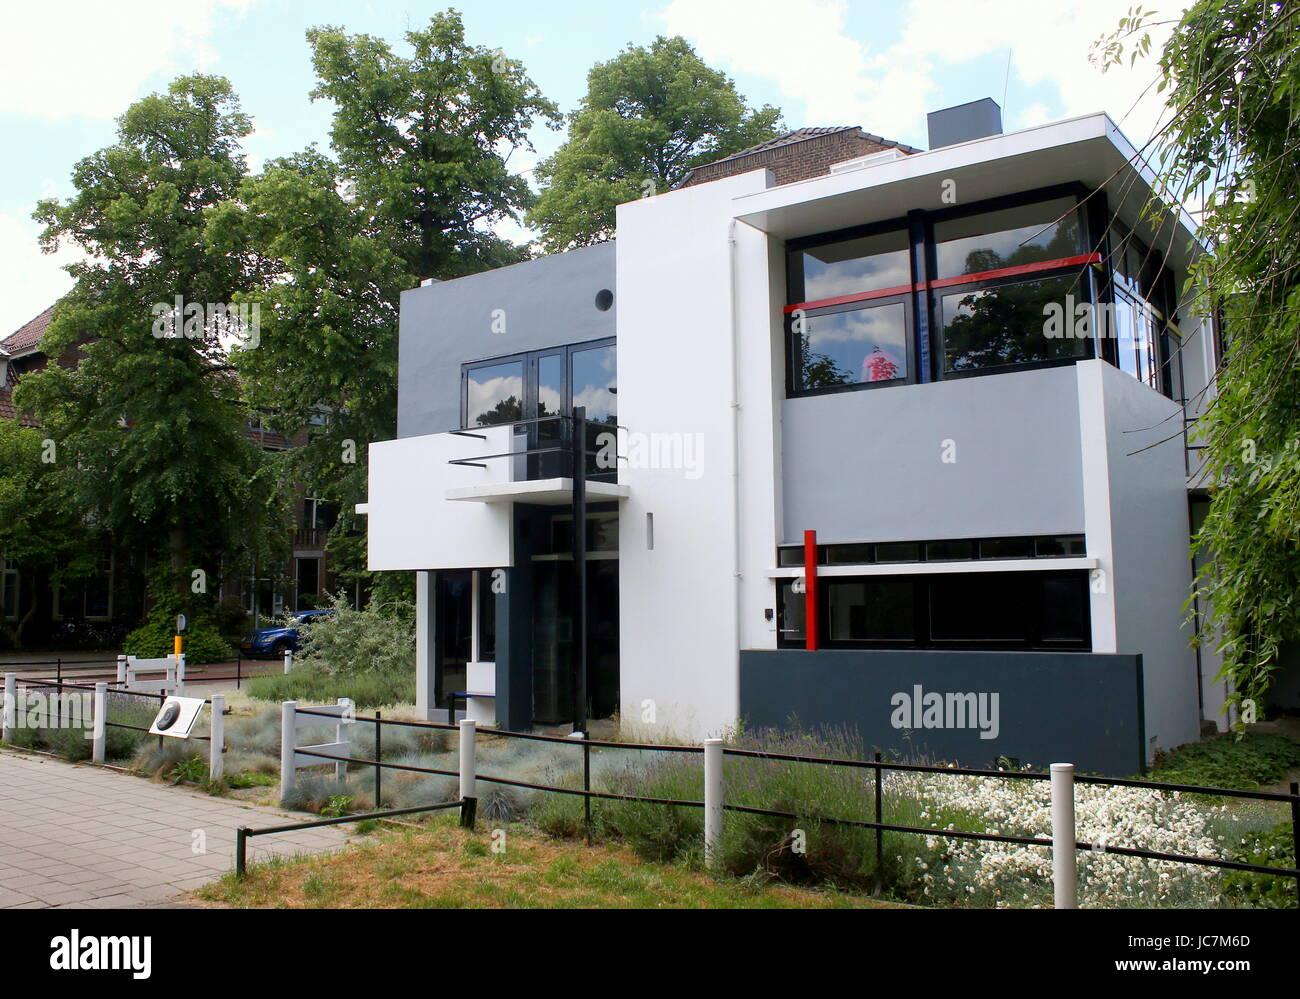 Rietveld Schröder Haus Entworfen Von De Stijl Architekten Gerrit